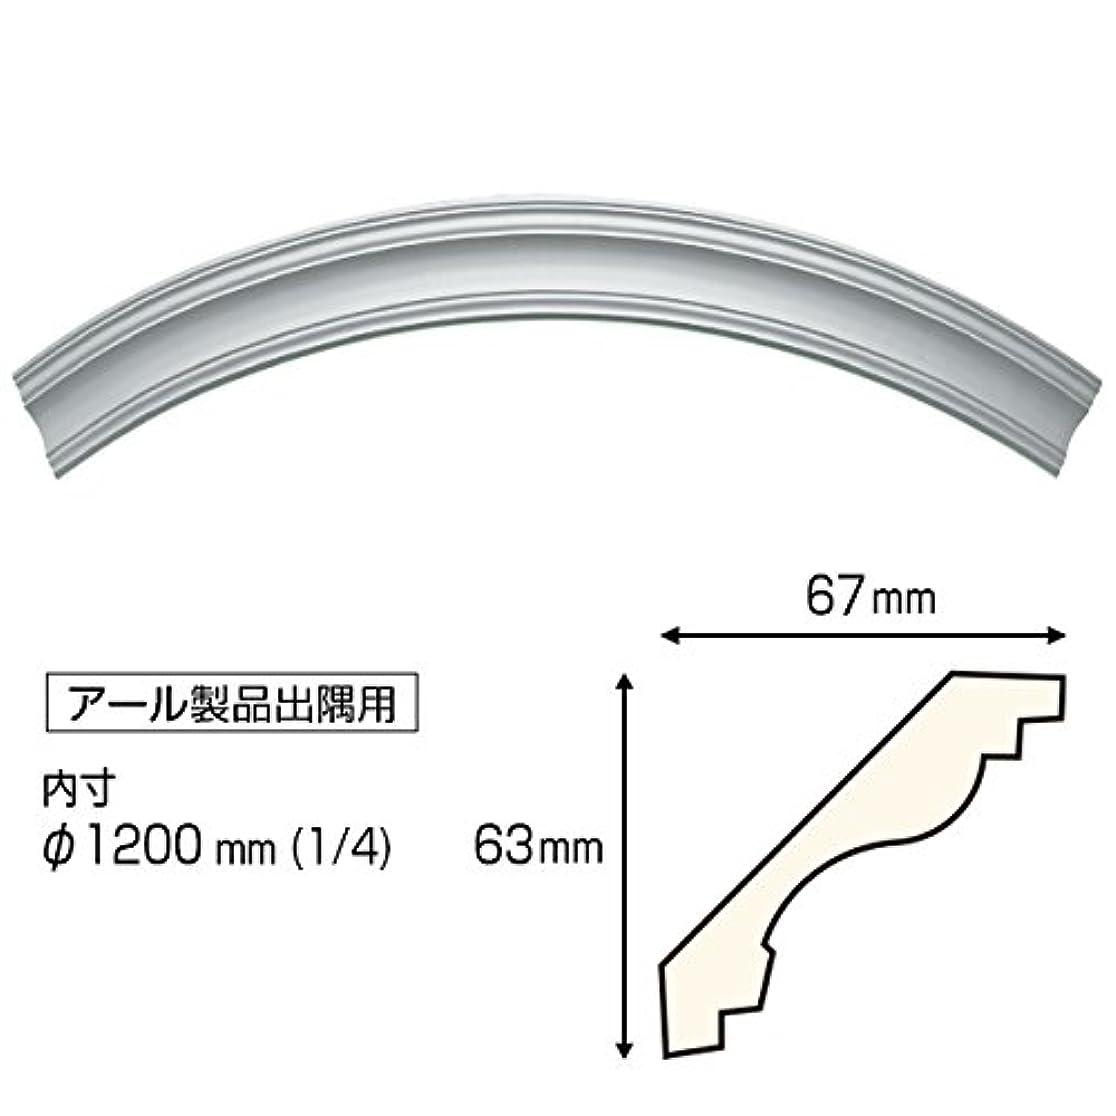 複数フォルダほうきアウトレット ポリウレタン製天井装飾材 フレキシブルレール出隅用 N-5213-60E